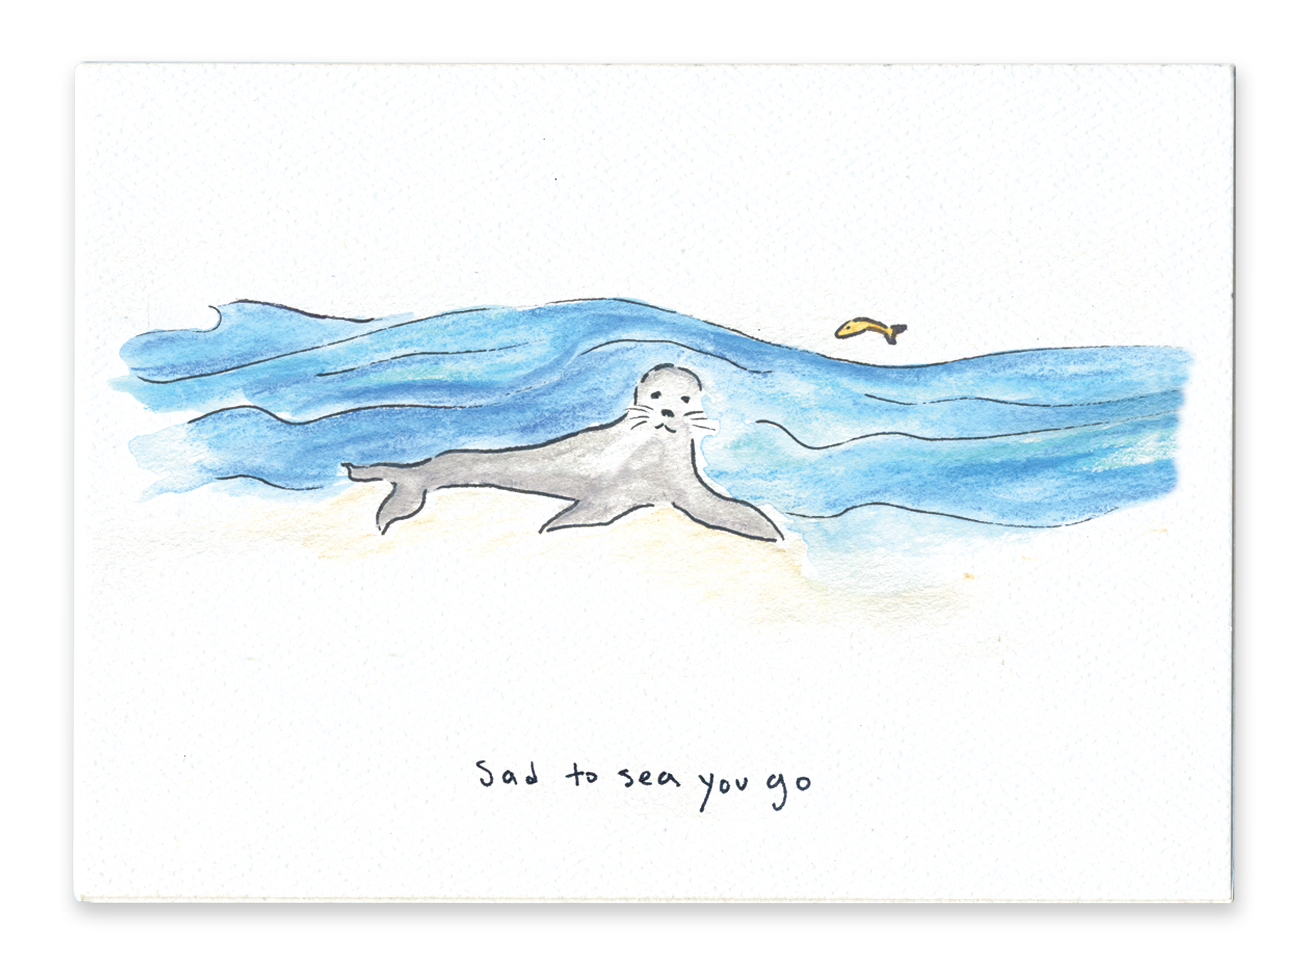 Sad To Sea You Go